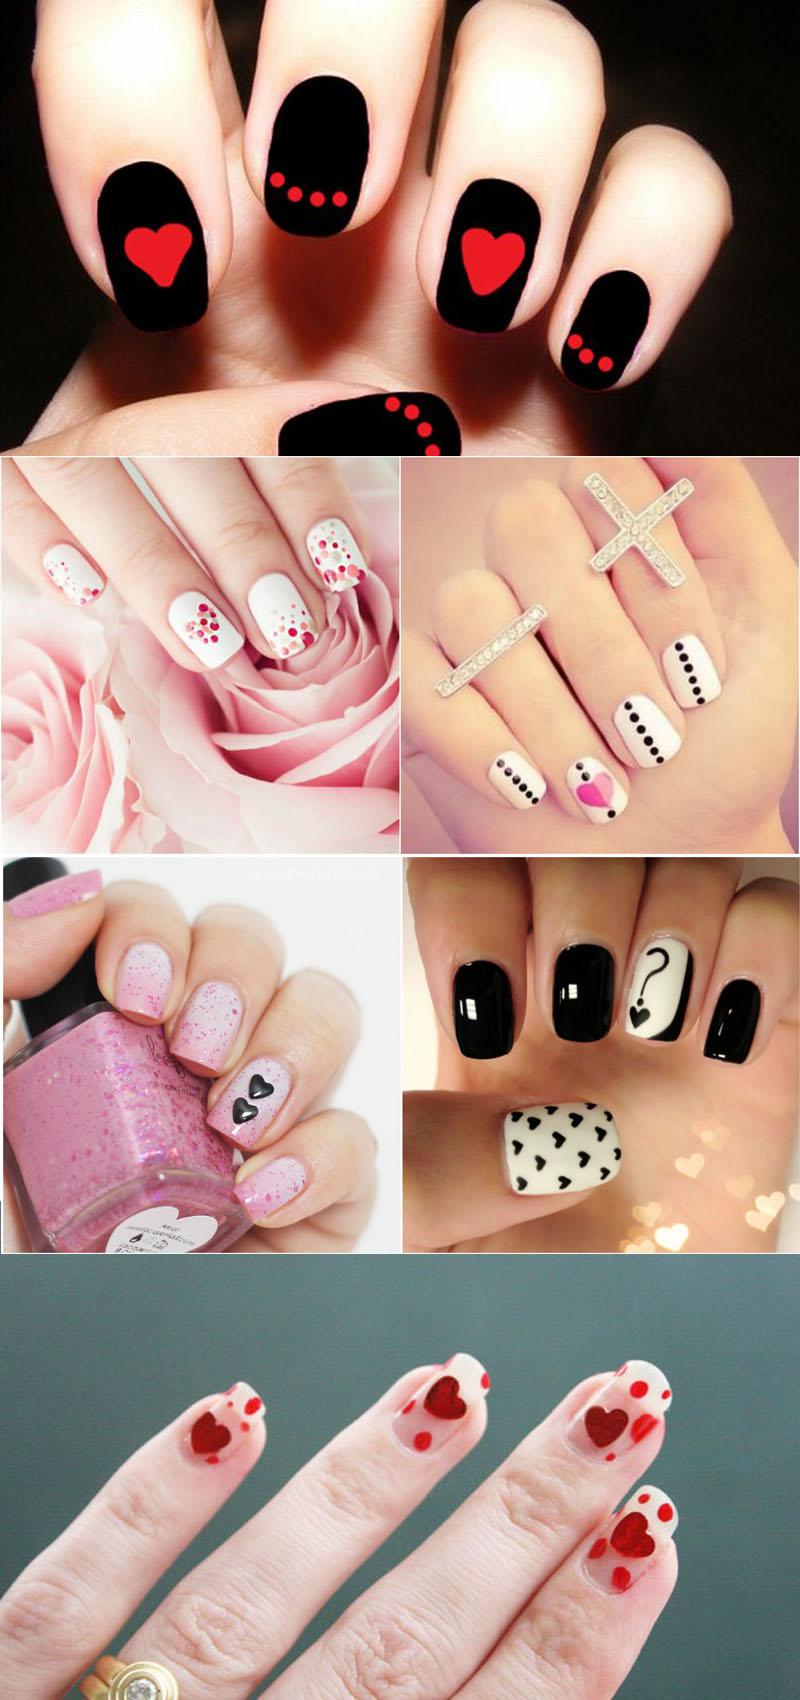 hearts-and-dots-nail-art